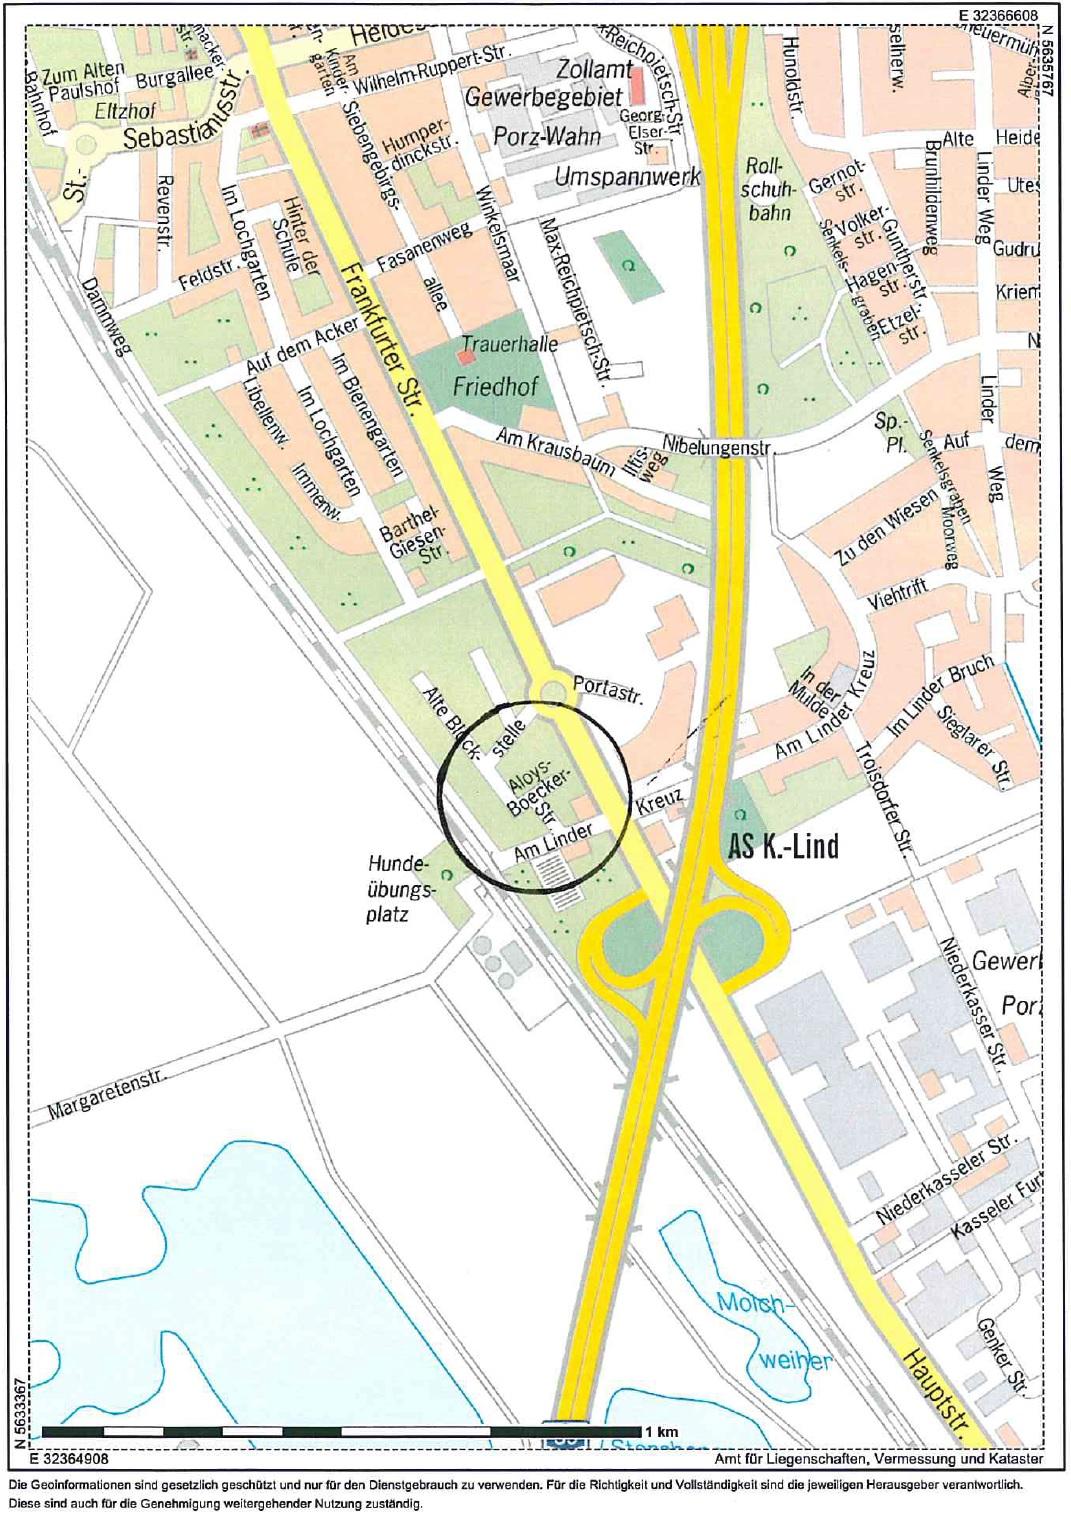 Karte Flächenamrkierung Leichtbauhalle Lind_20160605